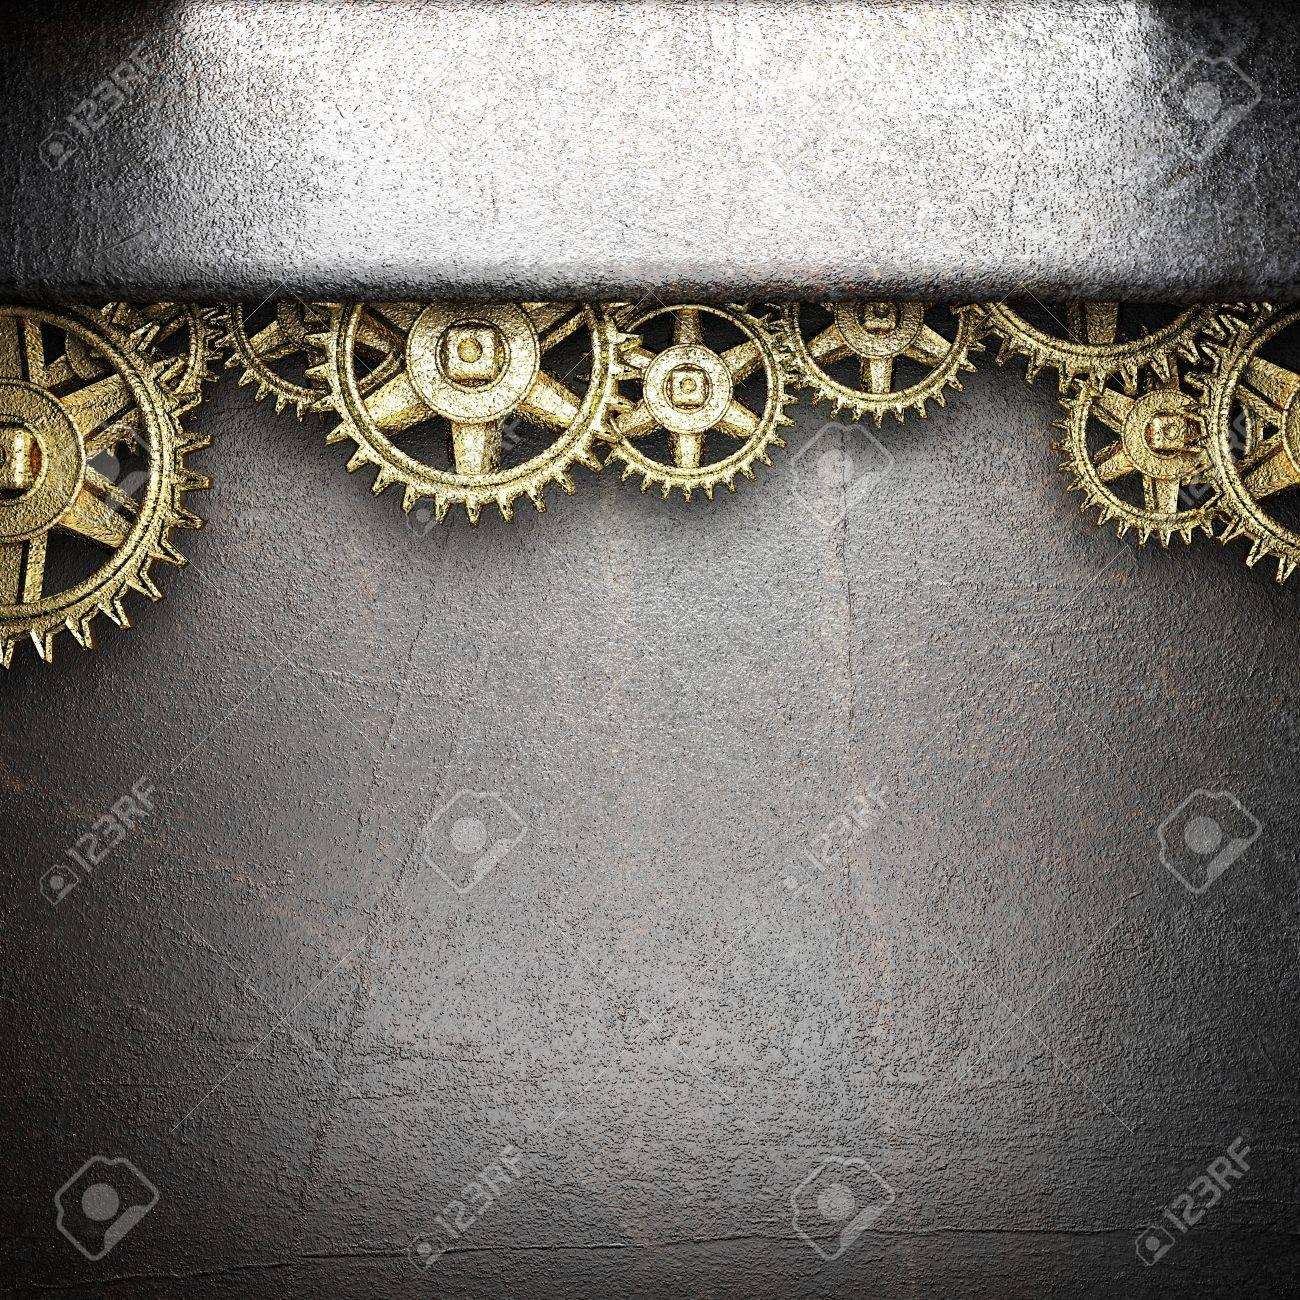 gear wheels on steel background - 18390706